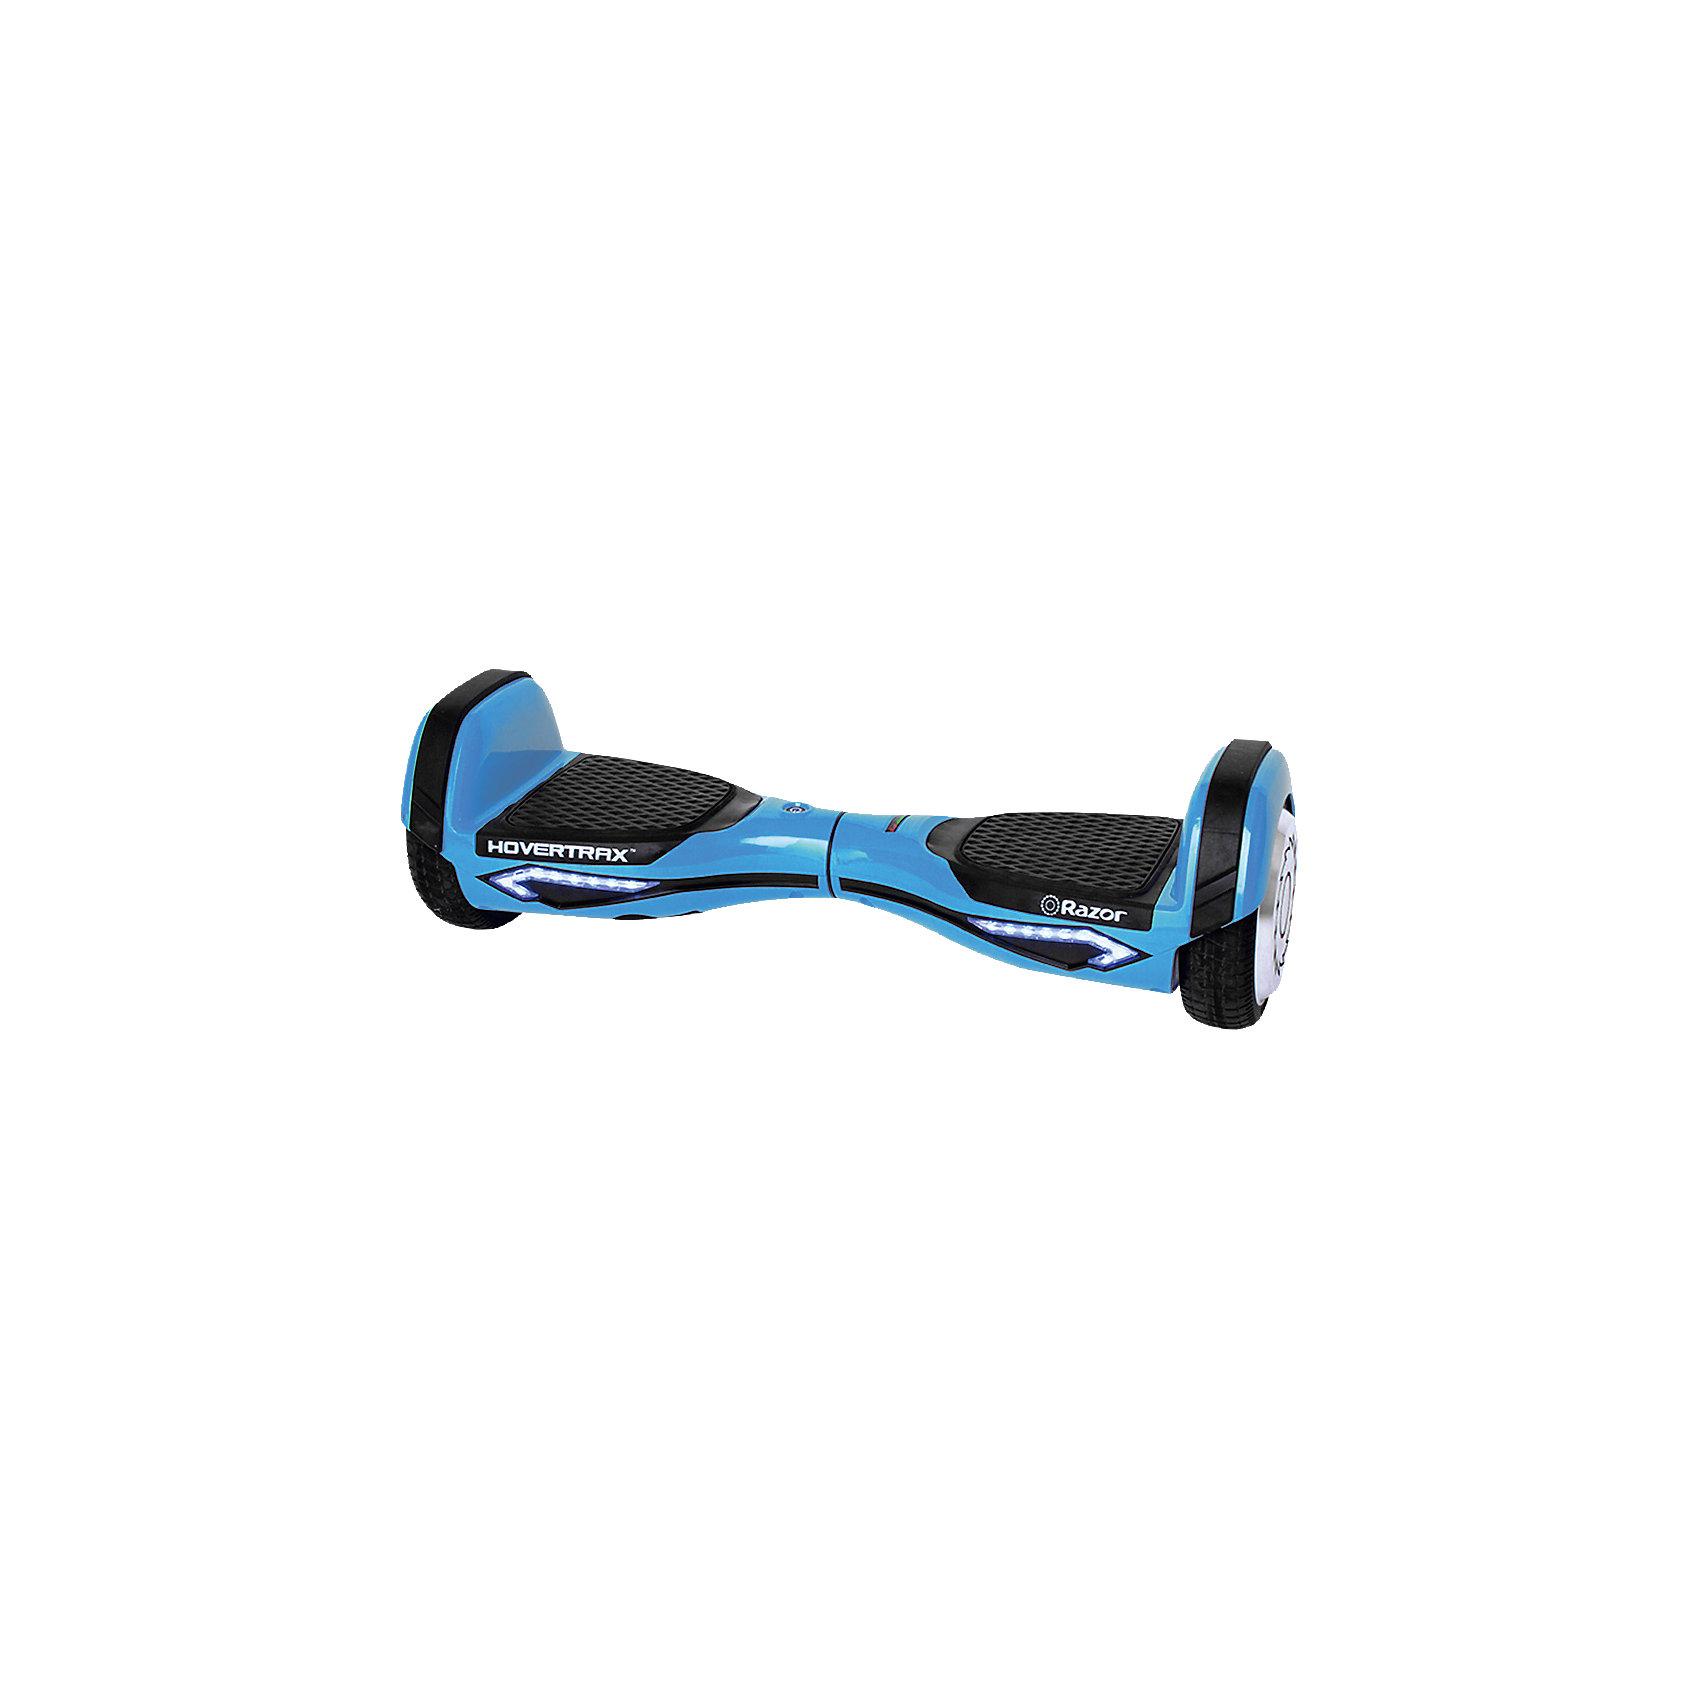 Гироскутер Hovertrax 2.0, синий, RazorГироскутеры<br>Гироскутер Razor Hovertrax 2.0 - синий (Рэзор)<br><br>Характеристики:<br><br>• встроенный компьютер<br>• встроенный гироскоп<br>• работает от электричества<br>• управляется ногами<br>• резиновые накладки<br>• светодиодная подсветка<br>• скорость до 13 км/ч<br>• максимальная нагрузка: 100 кг<br>• время работы - 2 часа<br>• три режима езды, включая обучающий<br>• индикатор уровня заряда аккумулятора<br>• мощность: 2х135 Вт<br>• аккумулятор литий-ионный на 36V, 2,5Ач<br>• цвет: синий<br>• размер упаковки: 24х23х64 см<br>• вес: 15 кг<br><br>Кататься на гироскутере очень весело! Достаточно только научиться им управлять. Гироскутер Hovertrax 2.0 управляется при помощи ног. Платформы имеют прорезиненные накладки. <br><br>Для движения вперед нужно нажать двумя носками на платформы. Для движения назад - пятками. Для поворота нужно сильнее нажать на переднюю часть нужной платформы. Гироскутер может стоять и крутиться на месте. Он оснащен встроенным компьютером и гироскопом, обеспечивающими баланс и стабилизацию. <br><br>Гироскутер имеет скорость до 13 км/ч. Максимальная нагрузка - 100 кг. Светодиодная подсветка гироскутера- приятное дополнение к стильному дизайну. Кнопка включения и индикатор заряда аккумулятора находятся сверху гироскутера.<br><br>Гироскутер Razor Hovertrax 2.0 - синий (Рэзор) вы можете купить в нашем интернет-магазине.<br><br>Ширина мм: 625<br>Глубина мм: 230<br>Высота мм: 225<br>Вес г: 11300<br>Цвет: синий<br>Возраст от месяцев: 144<br>Возраст до месяцев: 1188<br>Пол: Унисекс<br>Возраст: Детский<br>SKU: 5318585